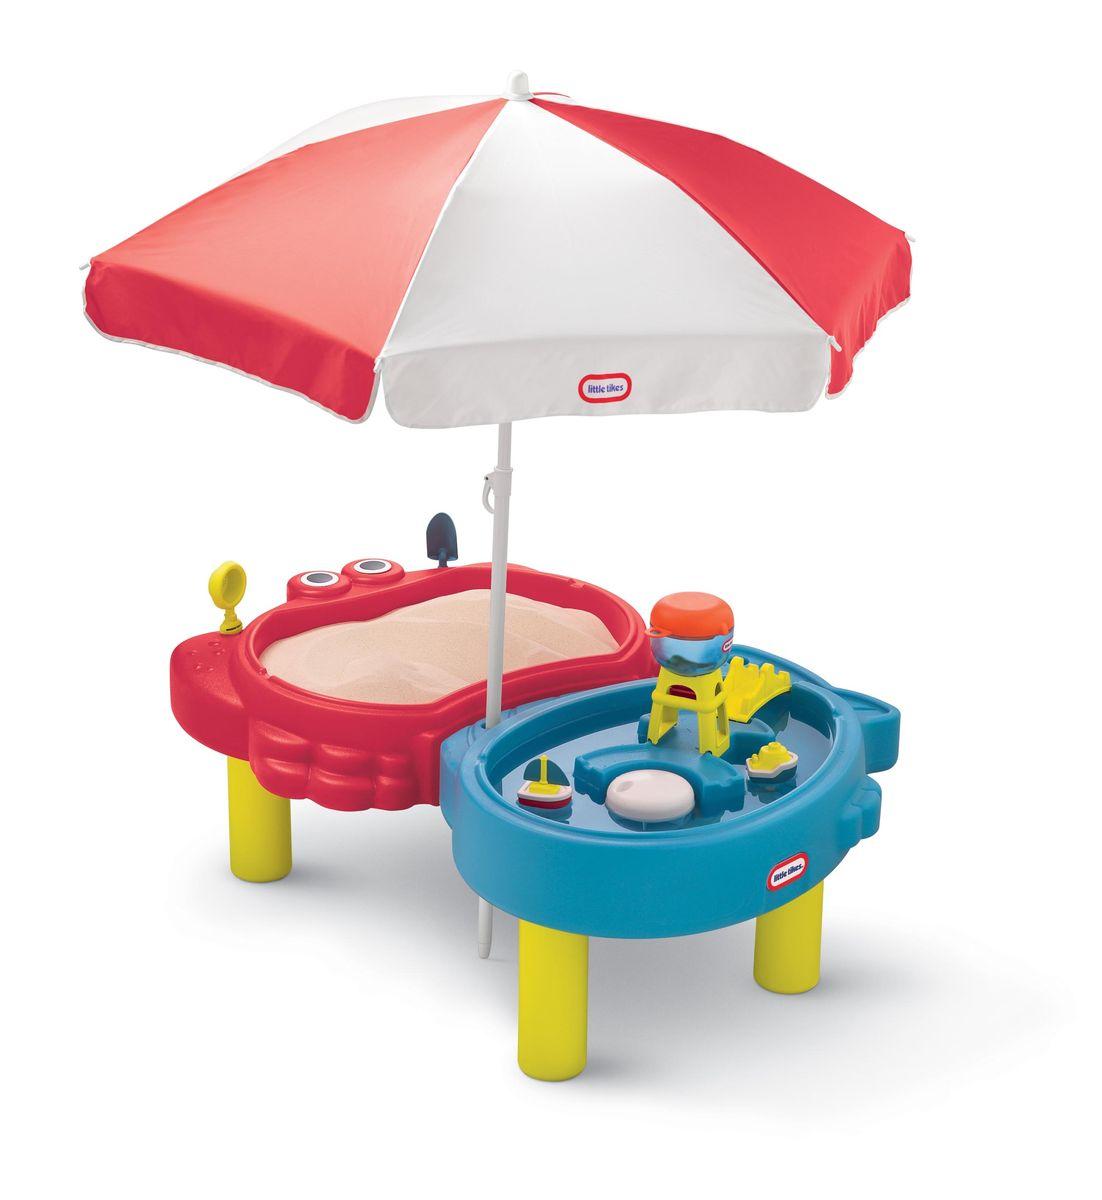 Little Tikes Стол-песочница с зонтом401LКомпактный стол-песочница с зонтом Little Tikes выполнен из высококачественного пластика. Уникально стилизованный стол для игры с водой и песком позволяет сразу нескольким детям исследовать пустыню и океан. Две игровых зоны - одна для игры с песком, другая для интерактивной игры с водой. Многофункциональные крышки для каждой зоны дают дополнительные игровые поверхности, а также защищают от мусора. Зонт защищает детей от солнца и непогоды Столик легко собирать, разбирать, хранить и чистить. Выполнен в ярких тонах - такой столик будет отлично смотреться на любой лужайке или дома. У изделия отсутствуют острые углы, что делает его безопасным для маленьких детишек.